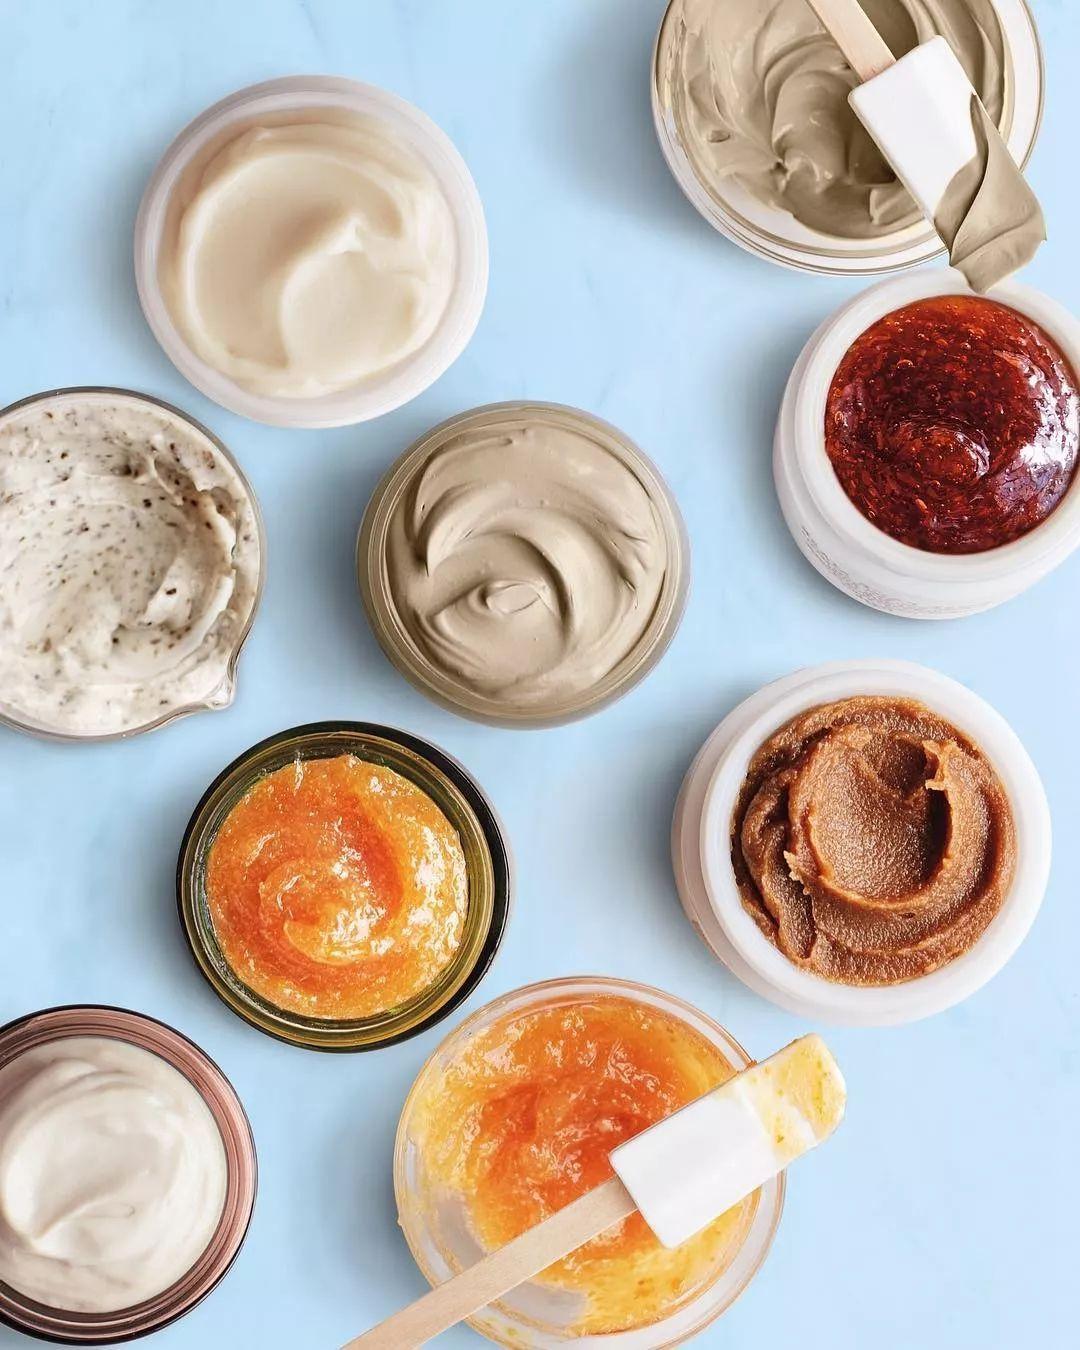 这些闻了就食欲大开的护肤美妆品,简直像在给肌肤吃大餐!